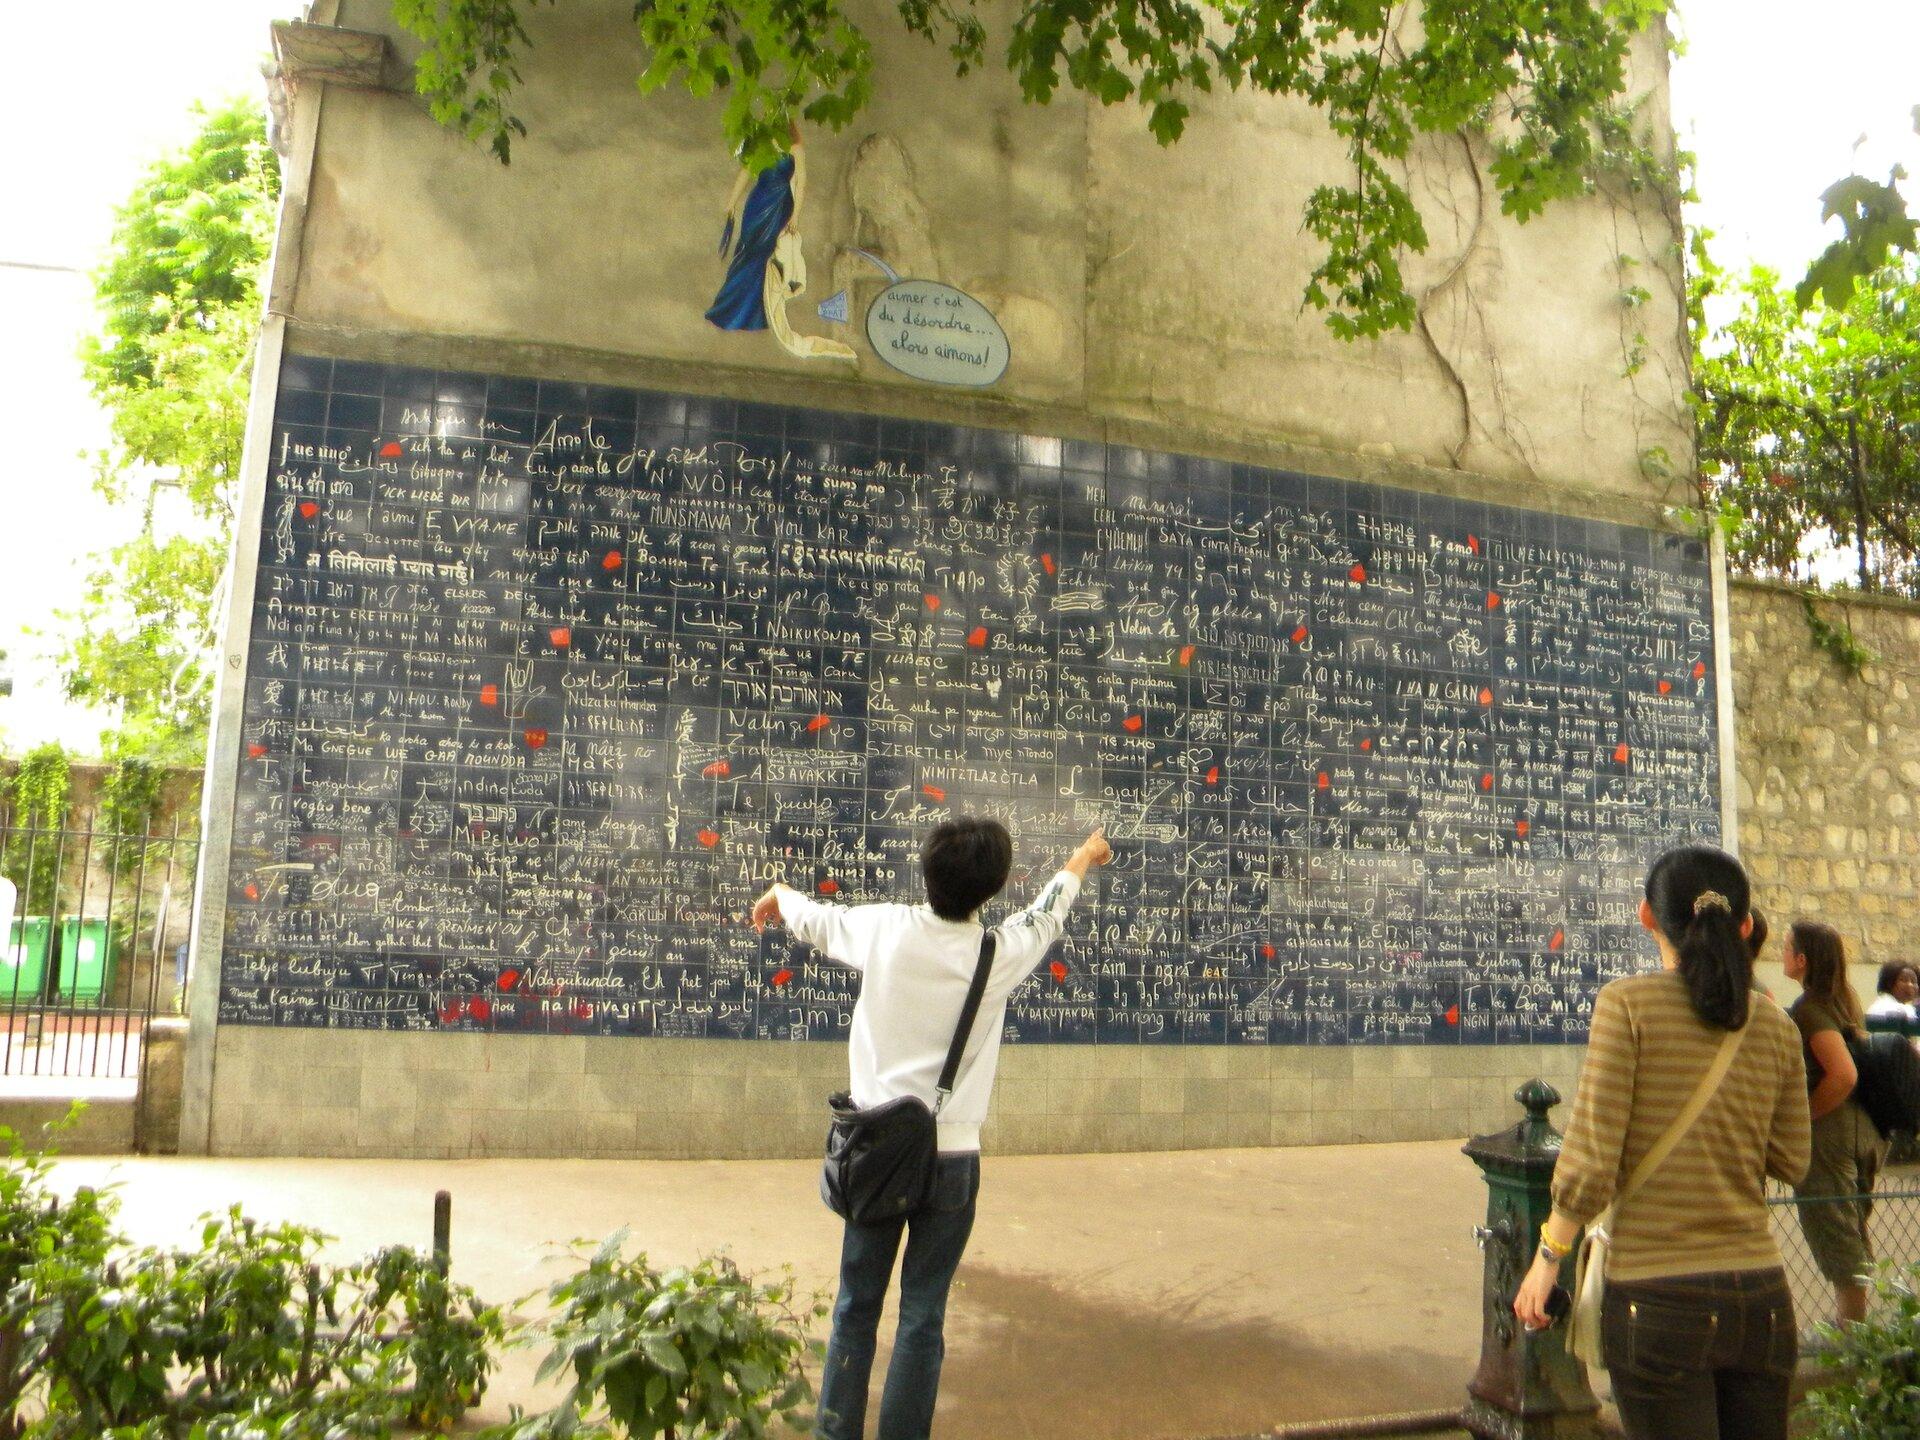 Na zdjęciu betonowa ściana zczarną tablicą zwielu płytek, białe napisy, przed ścianą kilka osób czyta napisy.